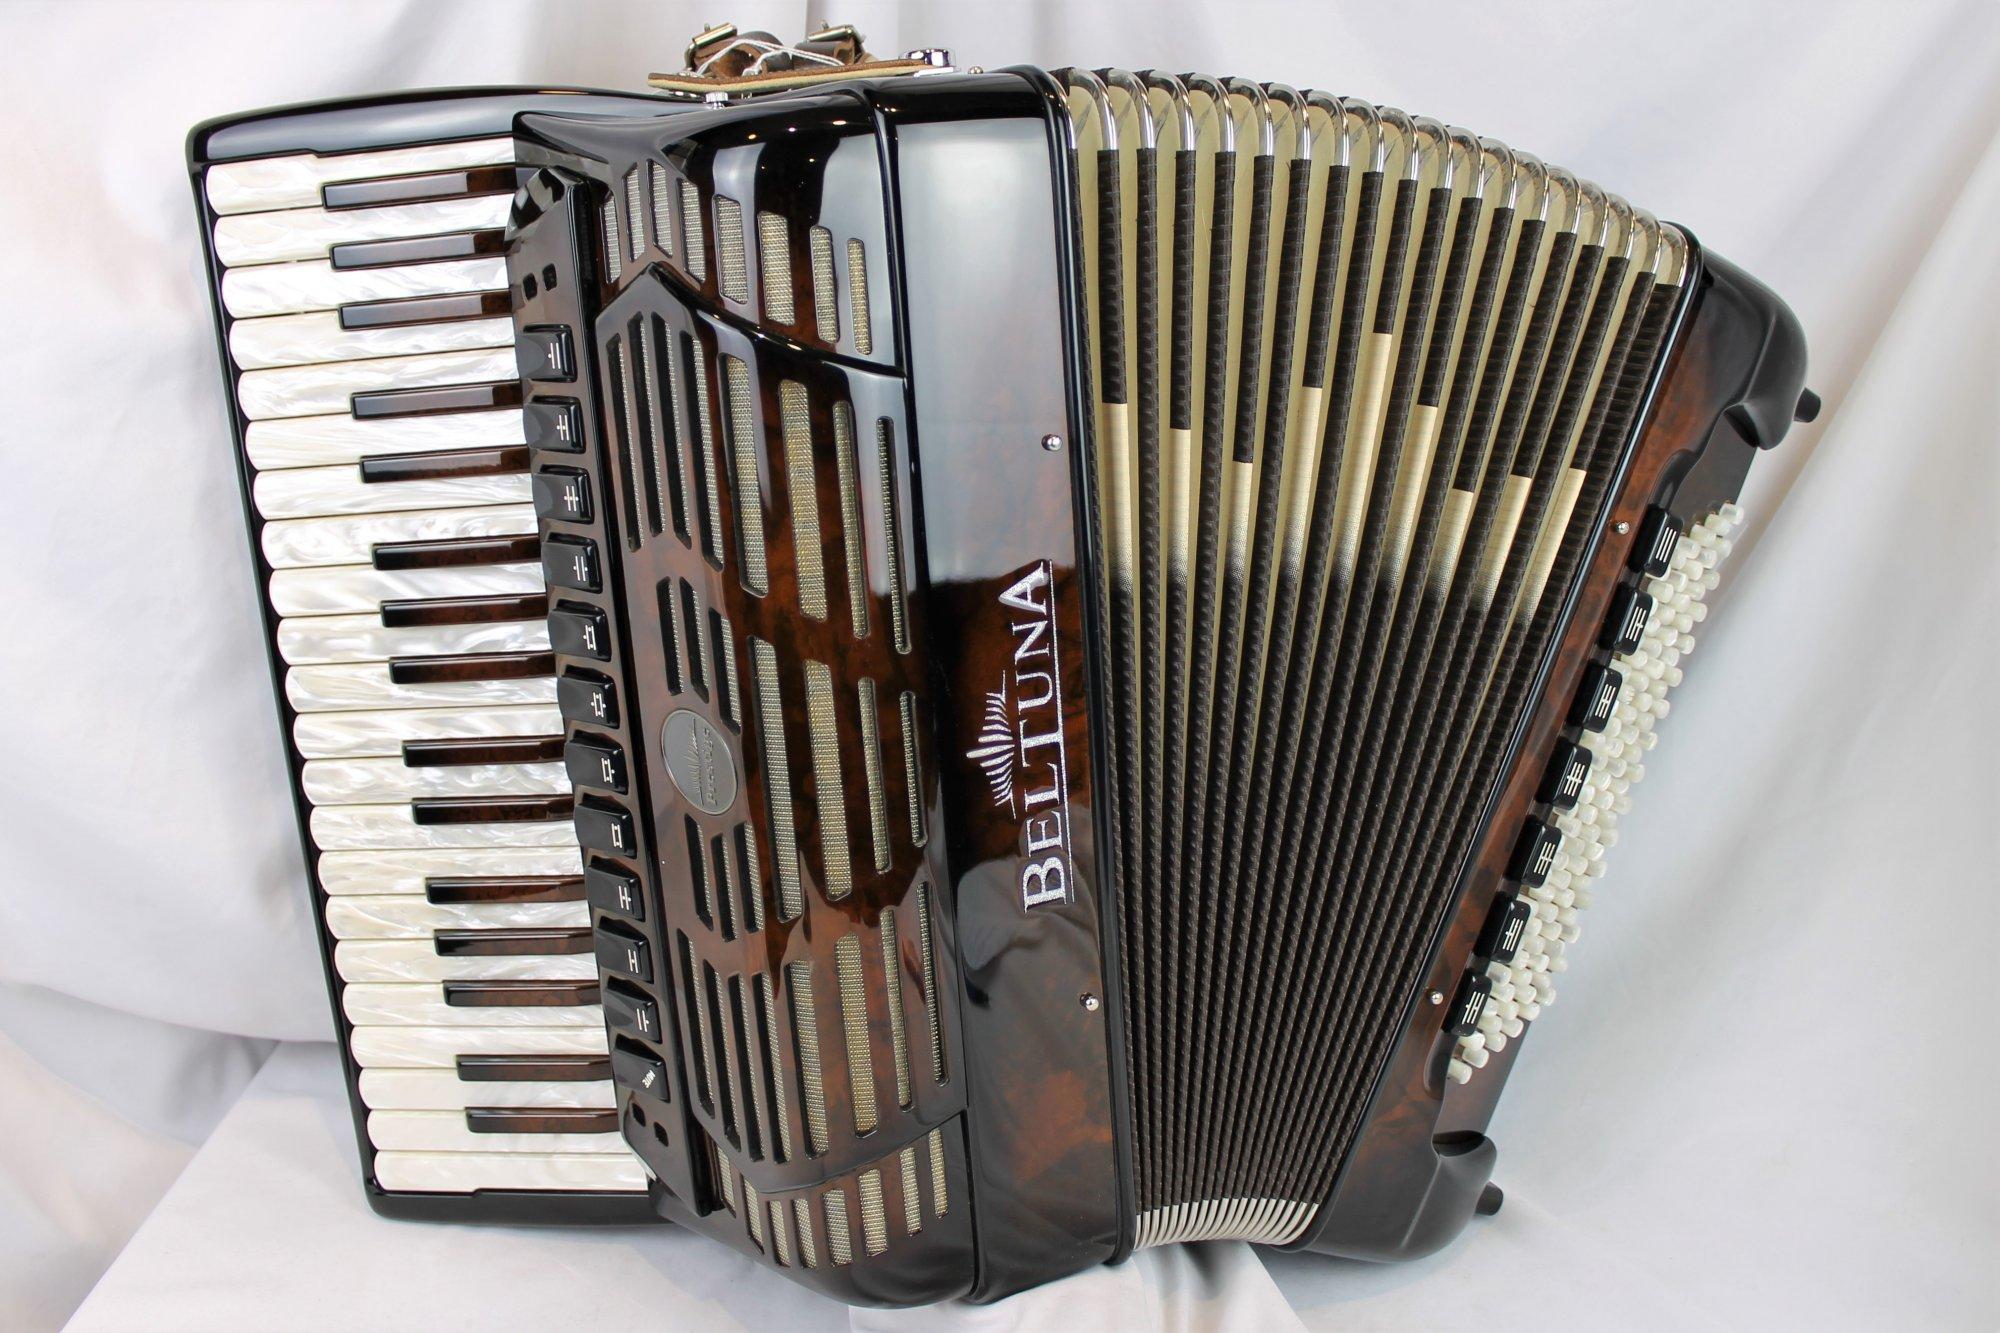 NEW Walnut Root Beltuna Prestige IV Piano Accordion LMMH 37 96